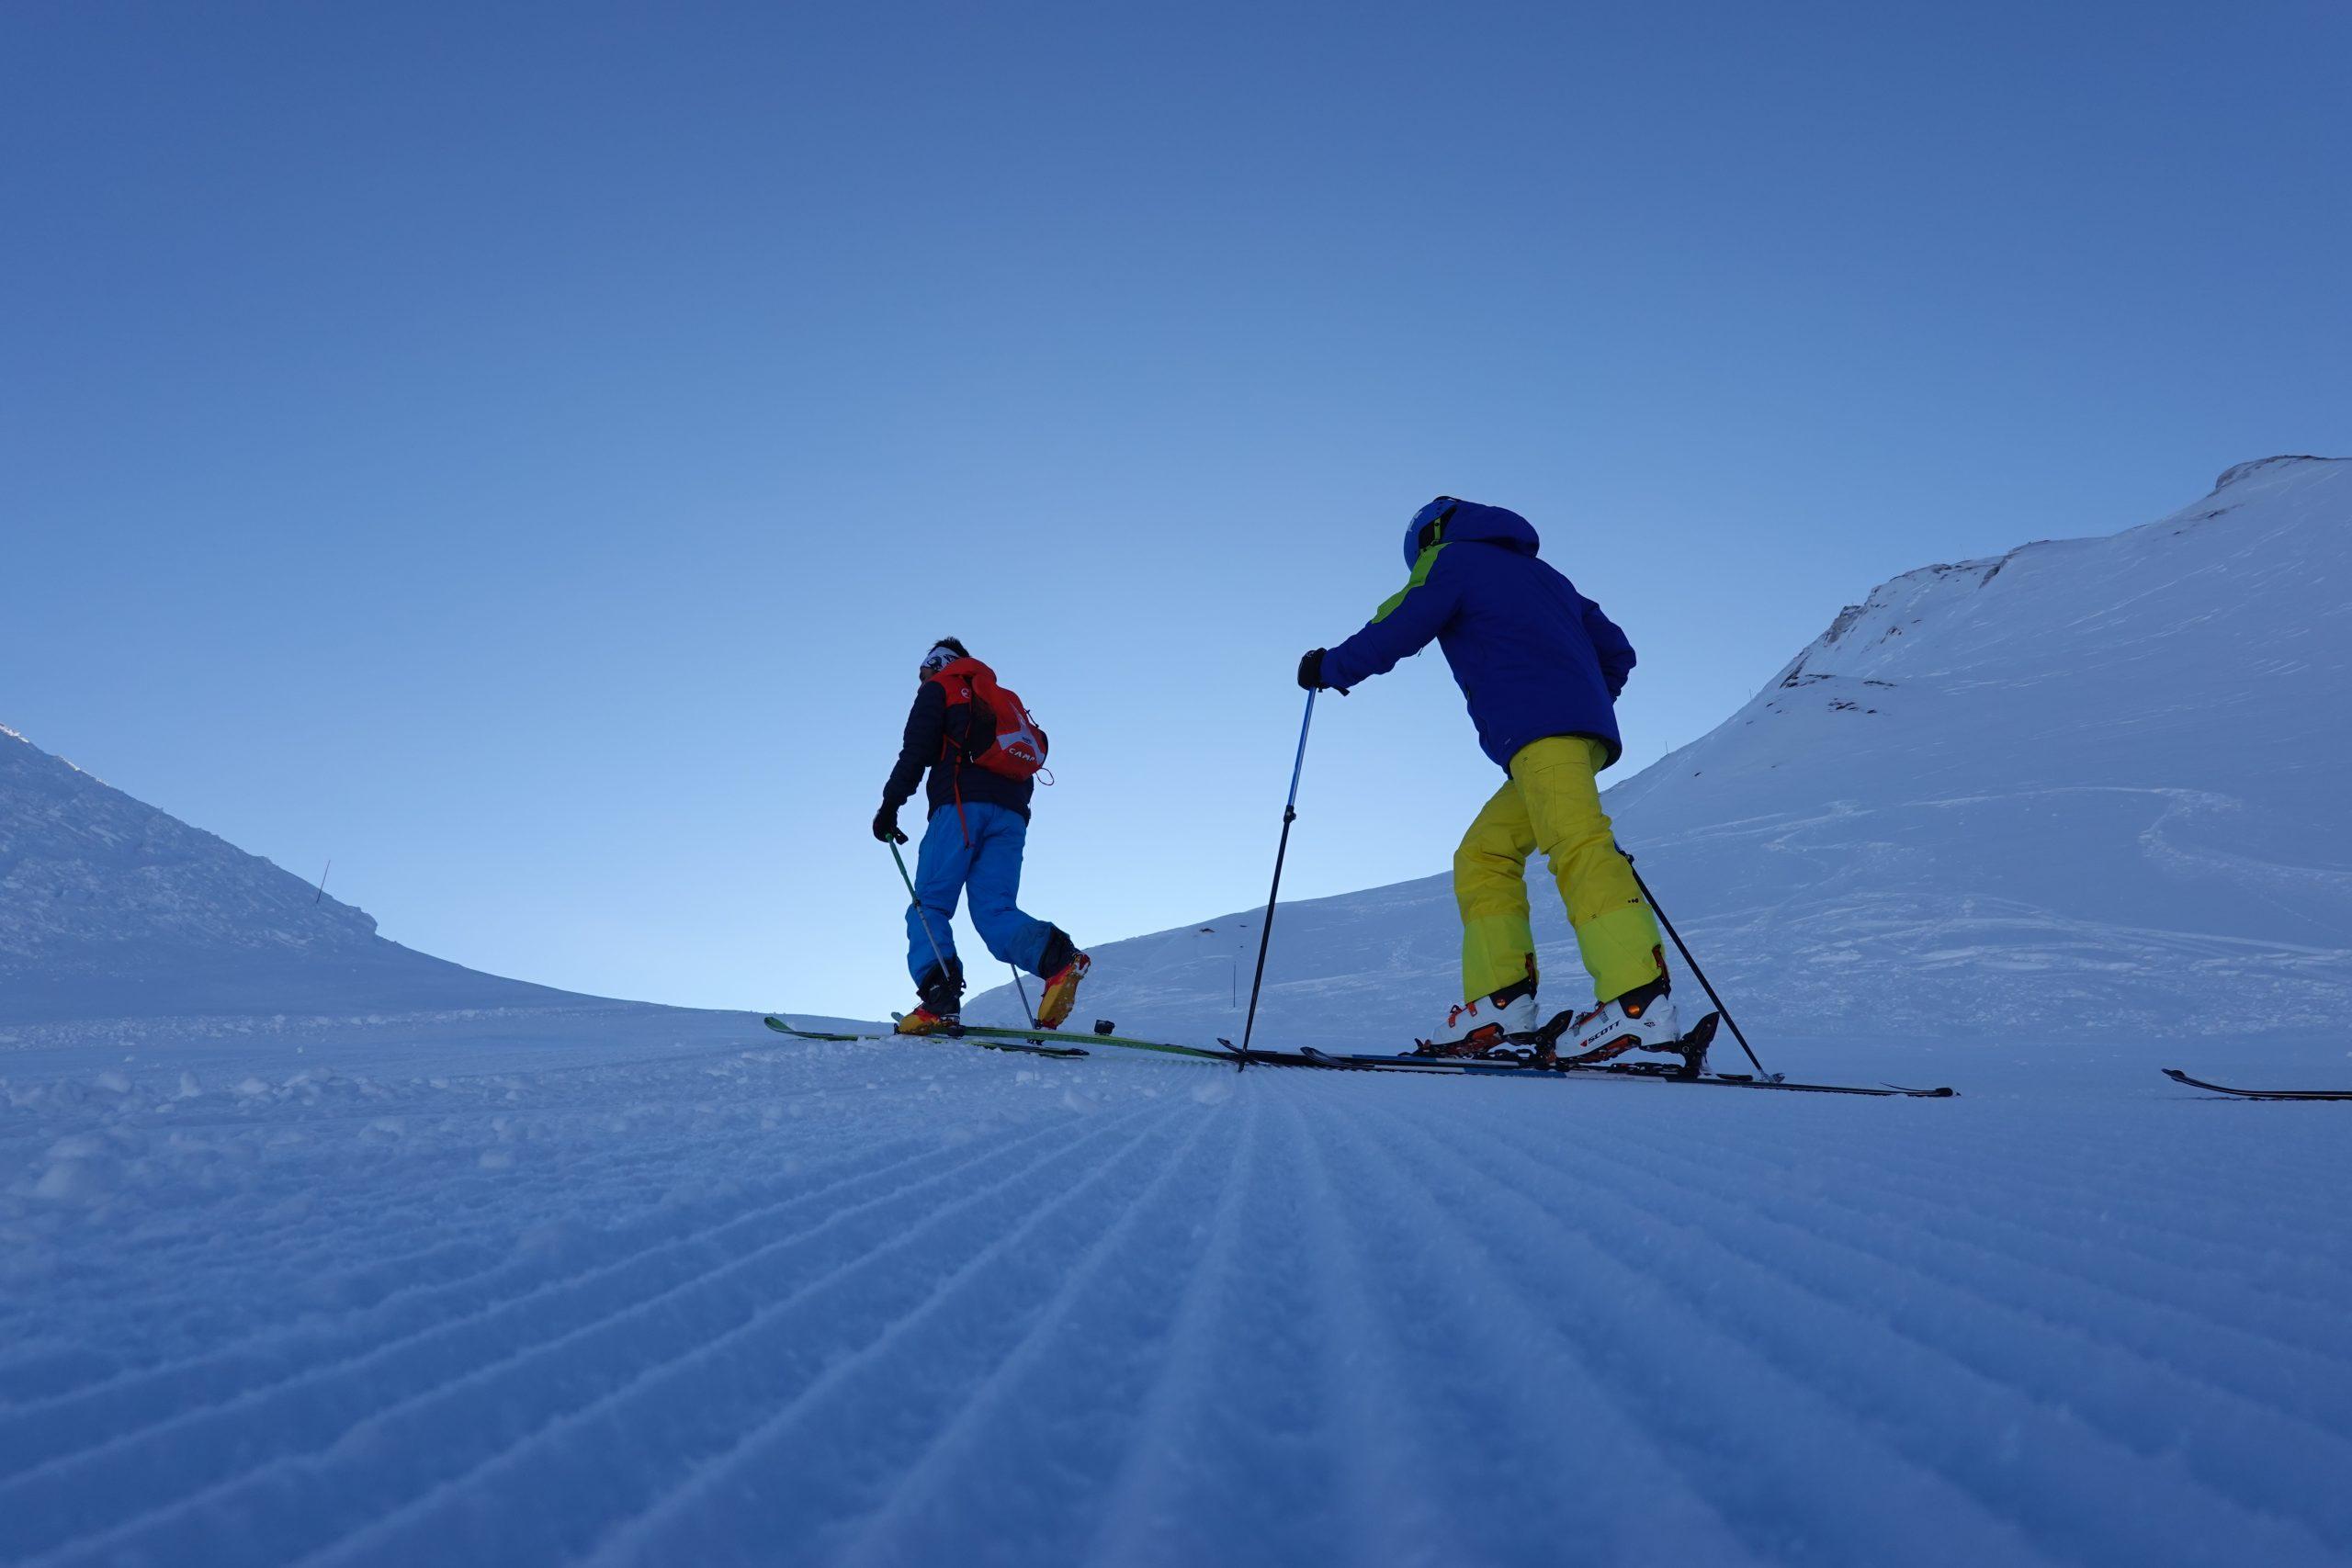 Ski touring with Oxygene